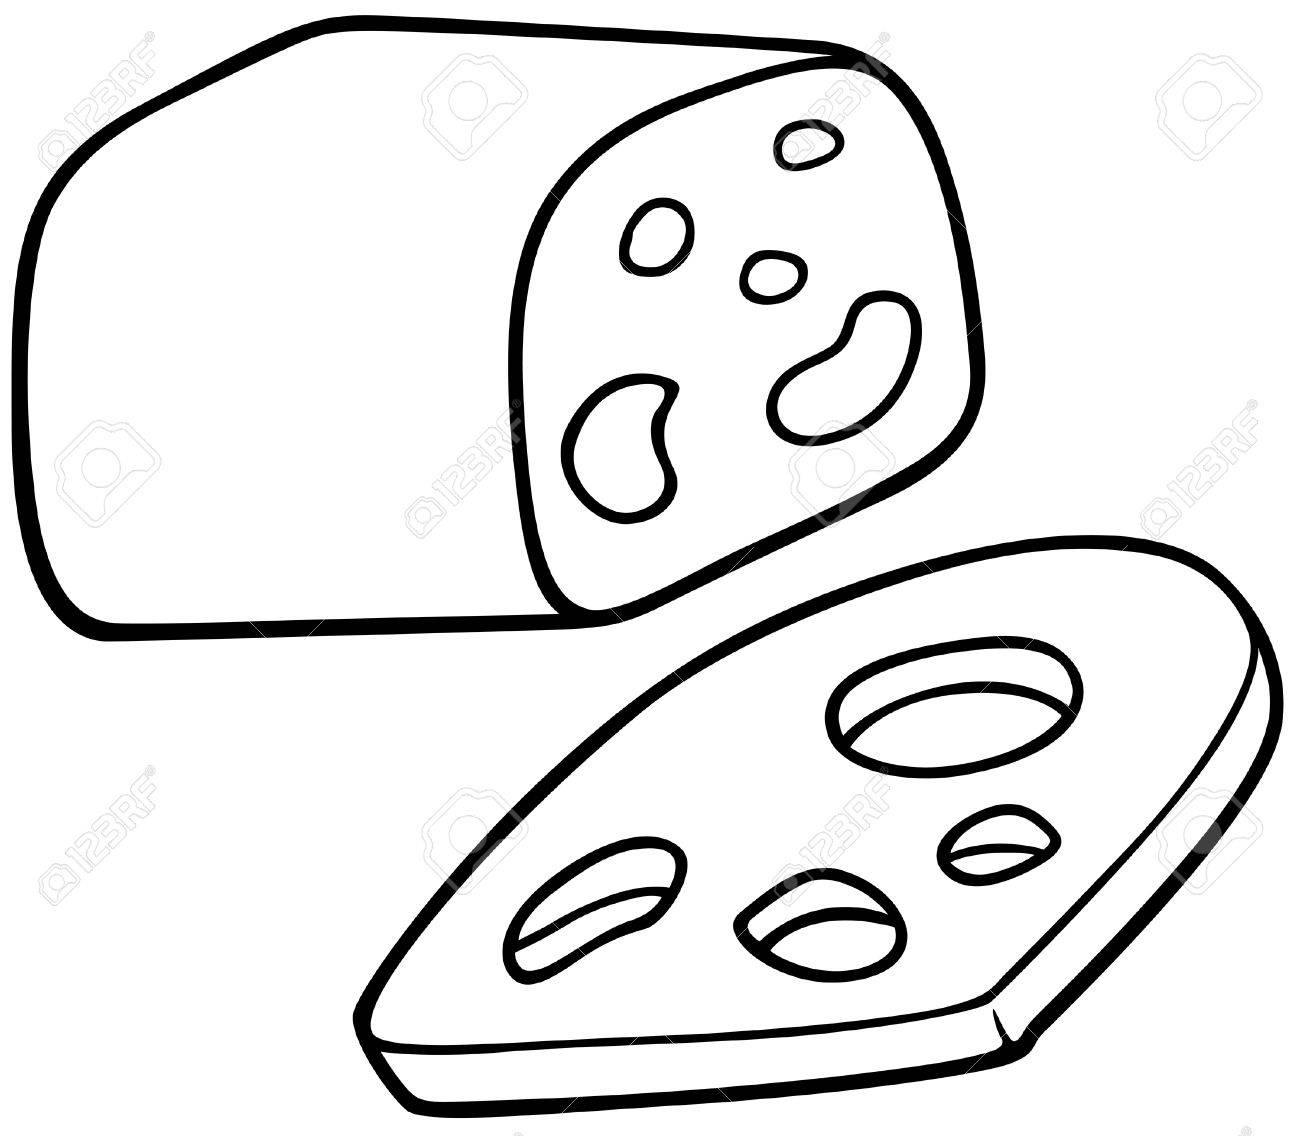 Käse clipart schwarz weiß  Eidamer Käse - Schwarz Und Weiß Karikatur Illustration, Vektor ...